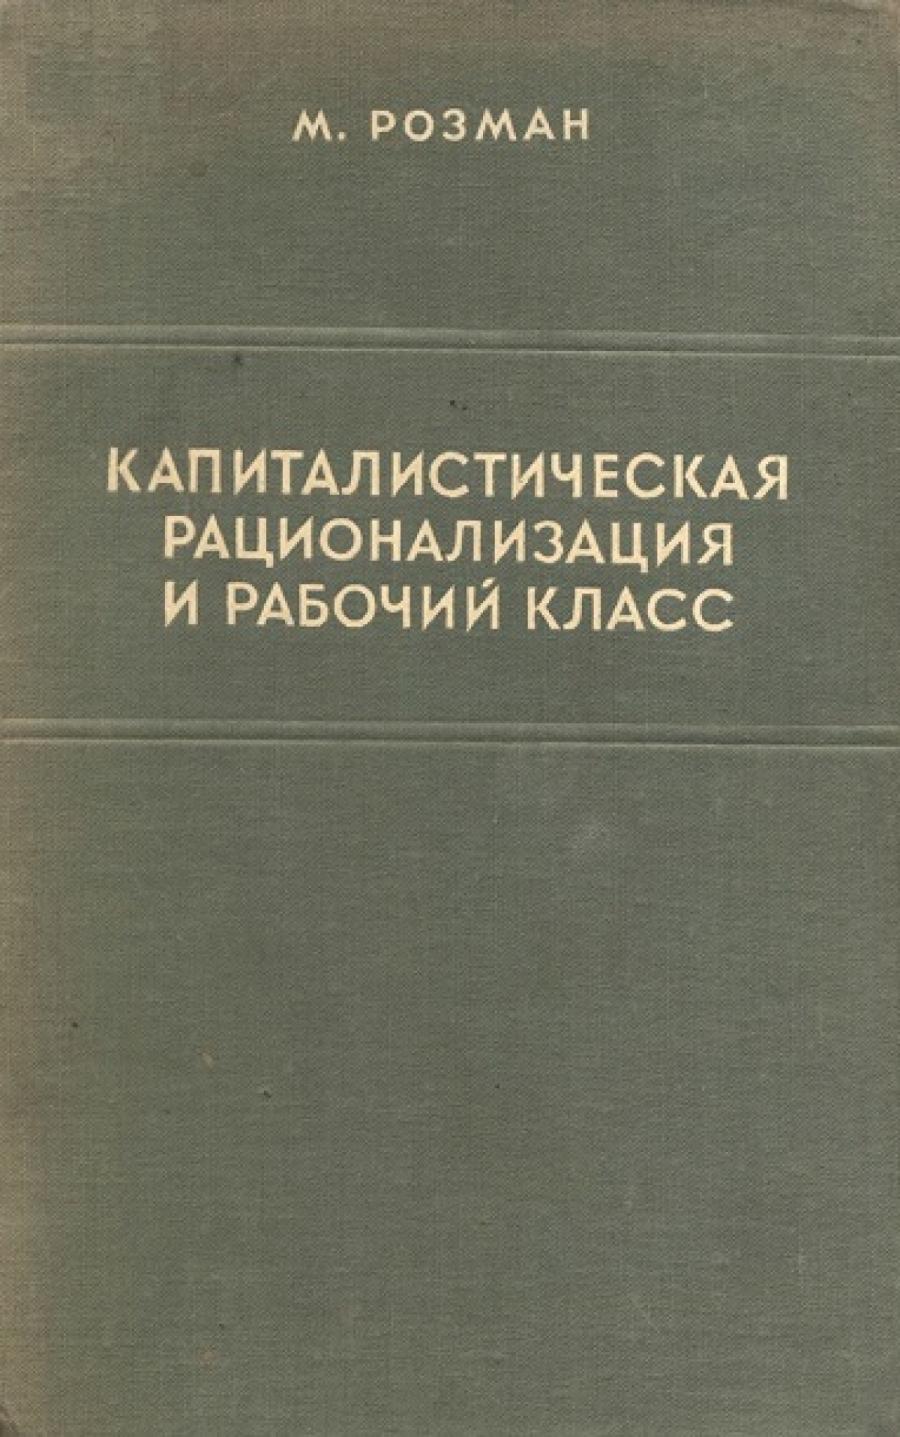 Обложка книги:  розман м. - капиталистическая рационализация и рабочий класс